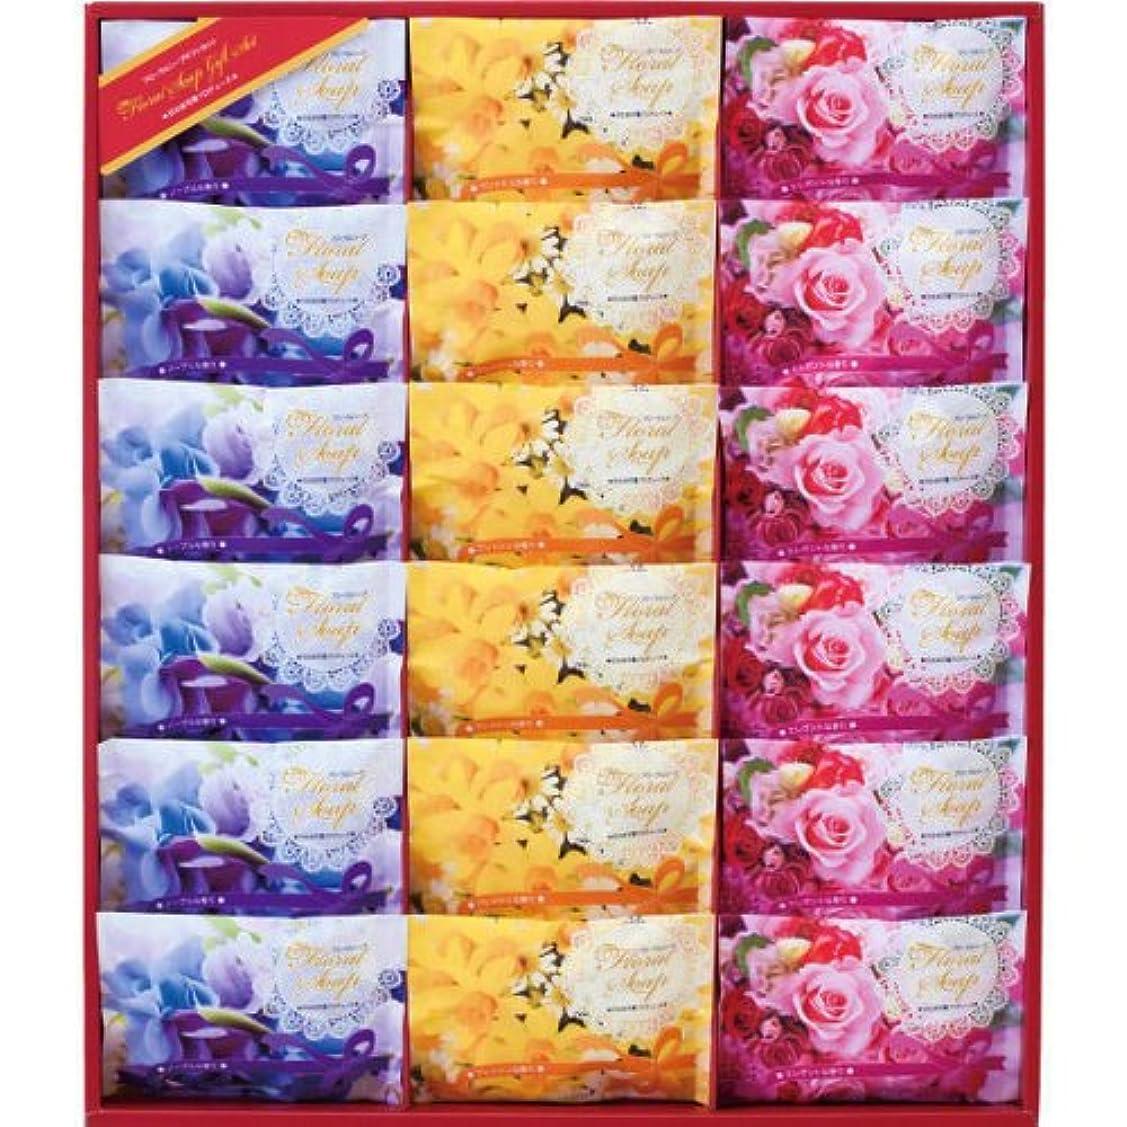 ふさわしい小屋甘味フローラルソープセット 日比谷花壇プロデュース HFS-30